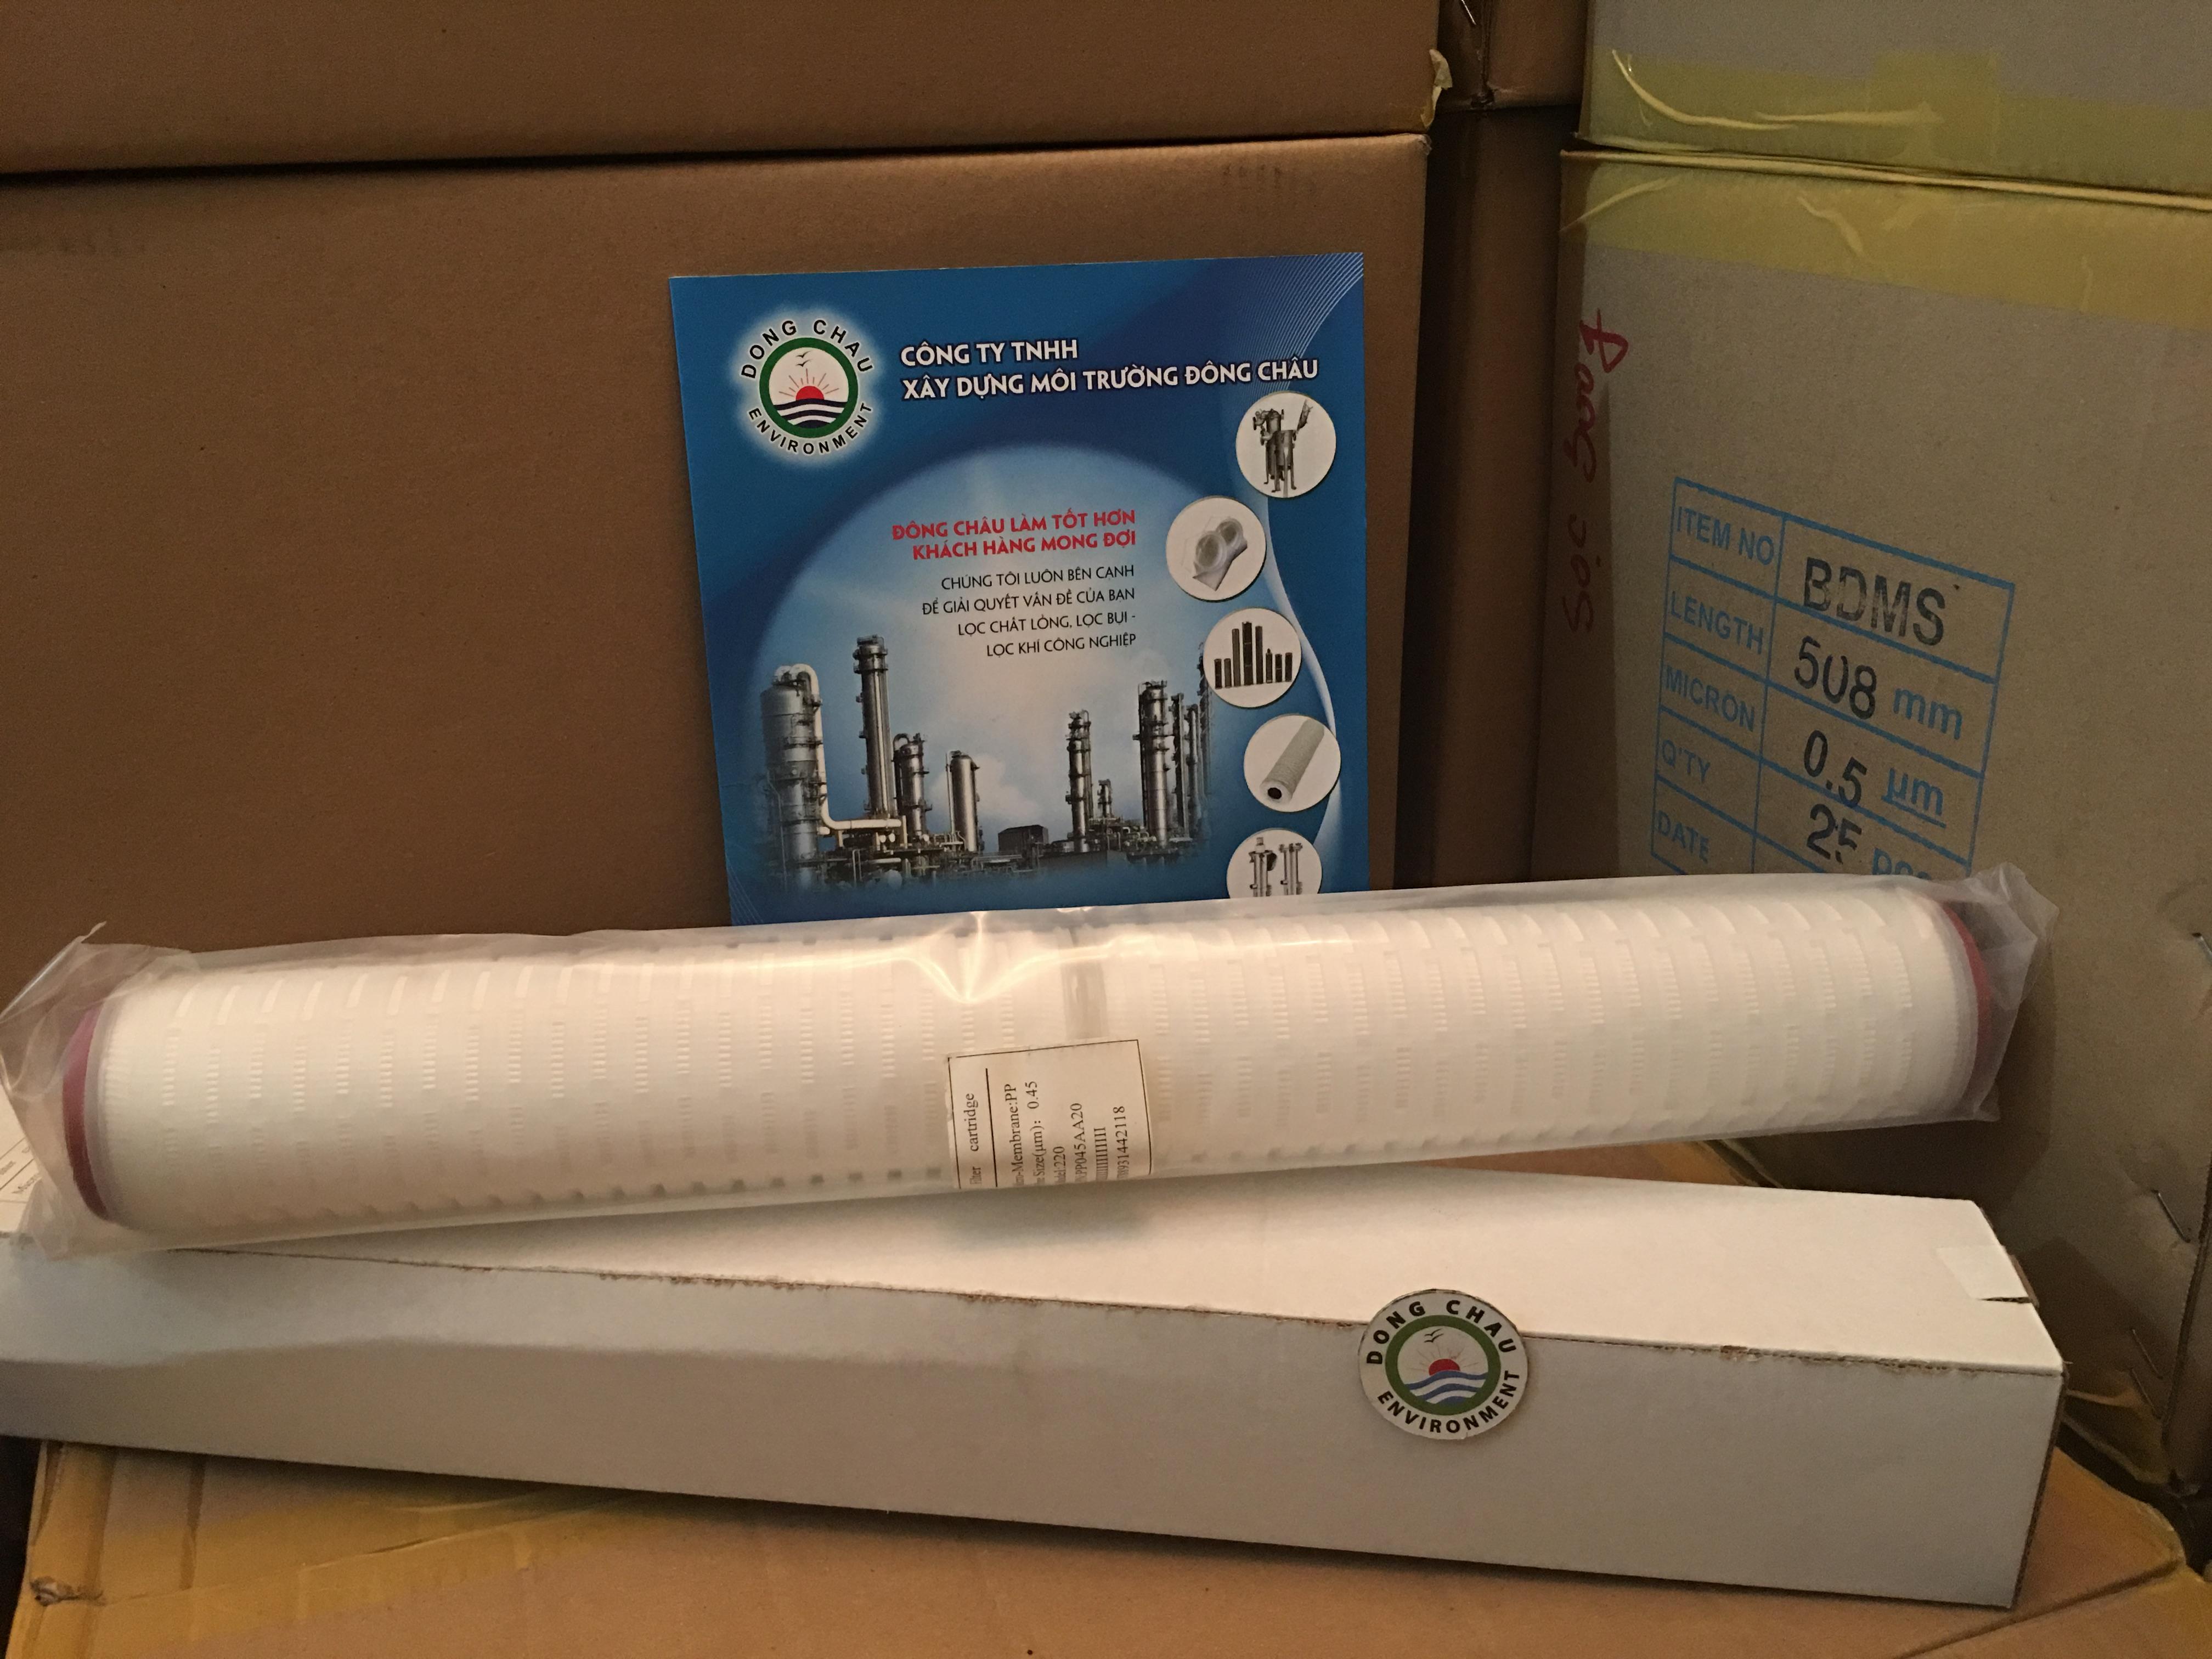 Lõi lọc giấy xếp 0.45 micron 20 inch oring 220 Trung Quốc